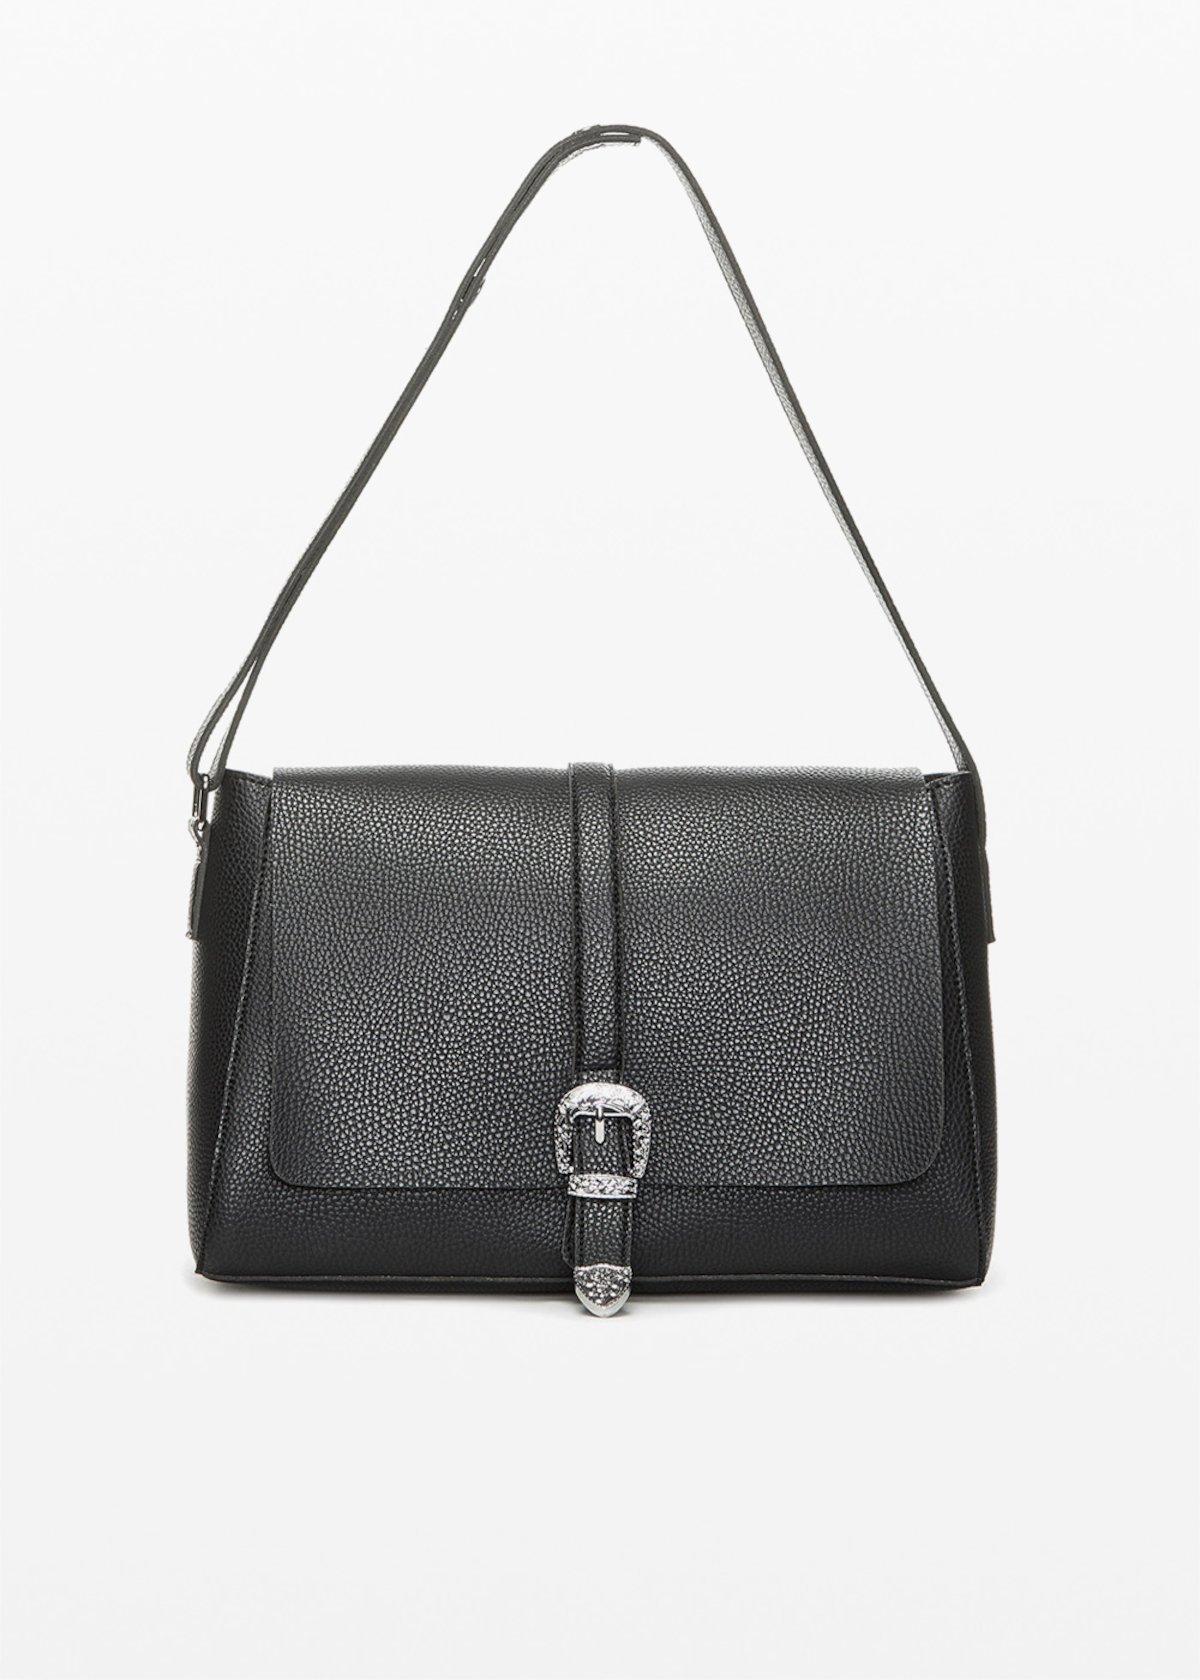 Shopping bag Boraliatx con chiusura metal - Black - Donna - Immagine categoria